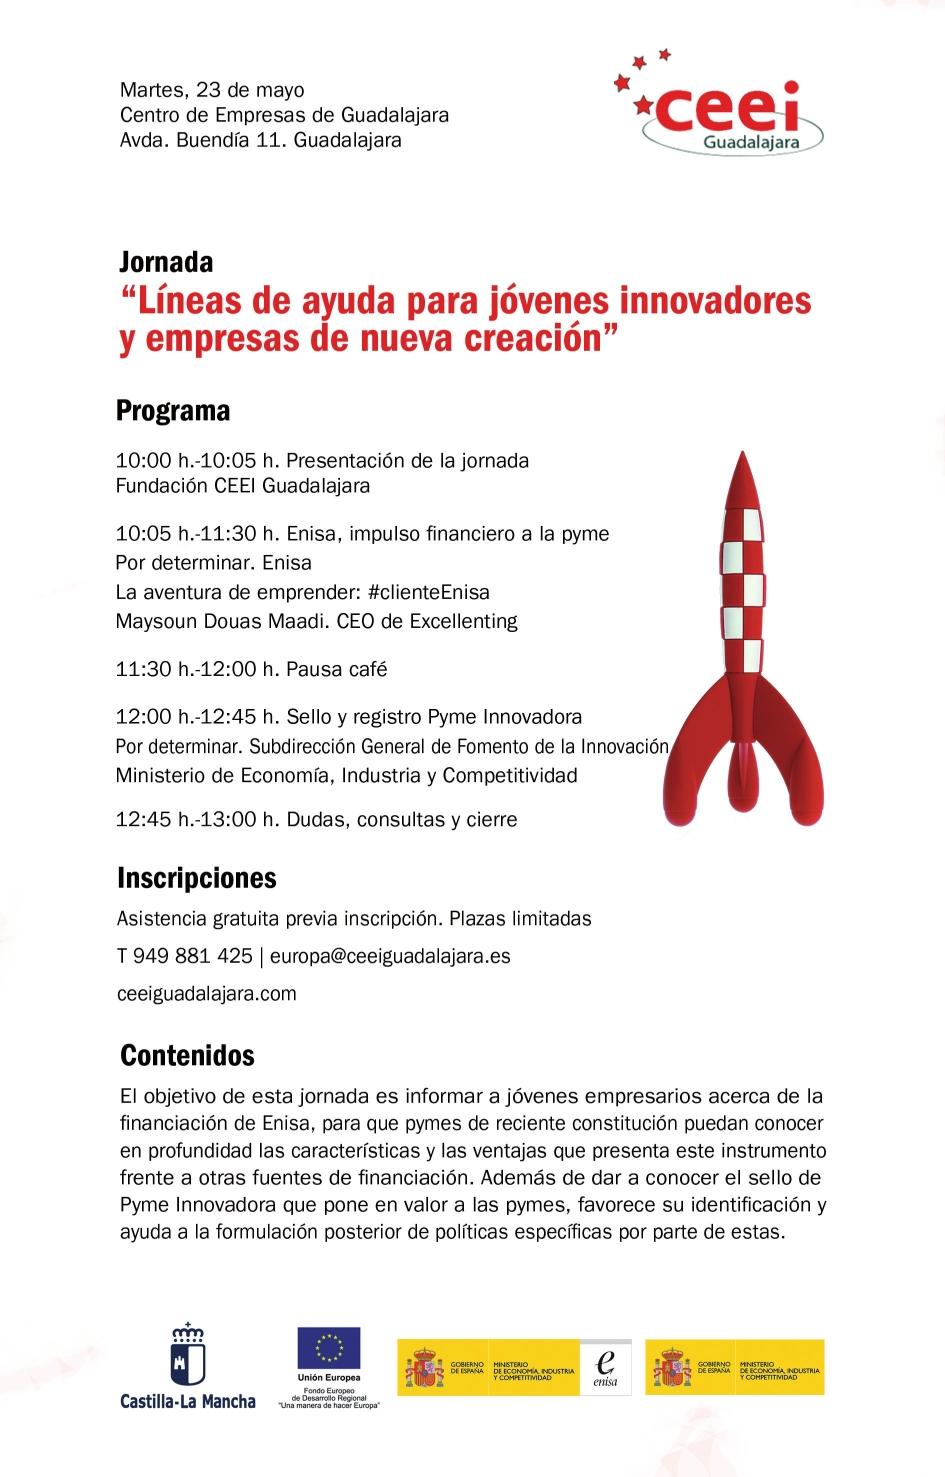 Líneas de ayuda para jóvenes innovadores y empresas de nueva creación